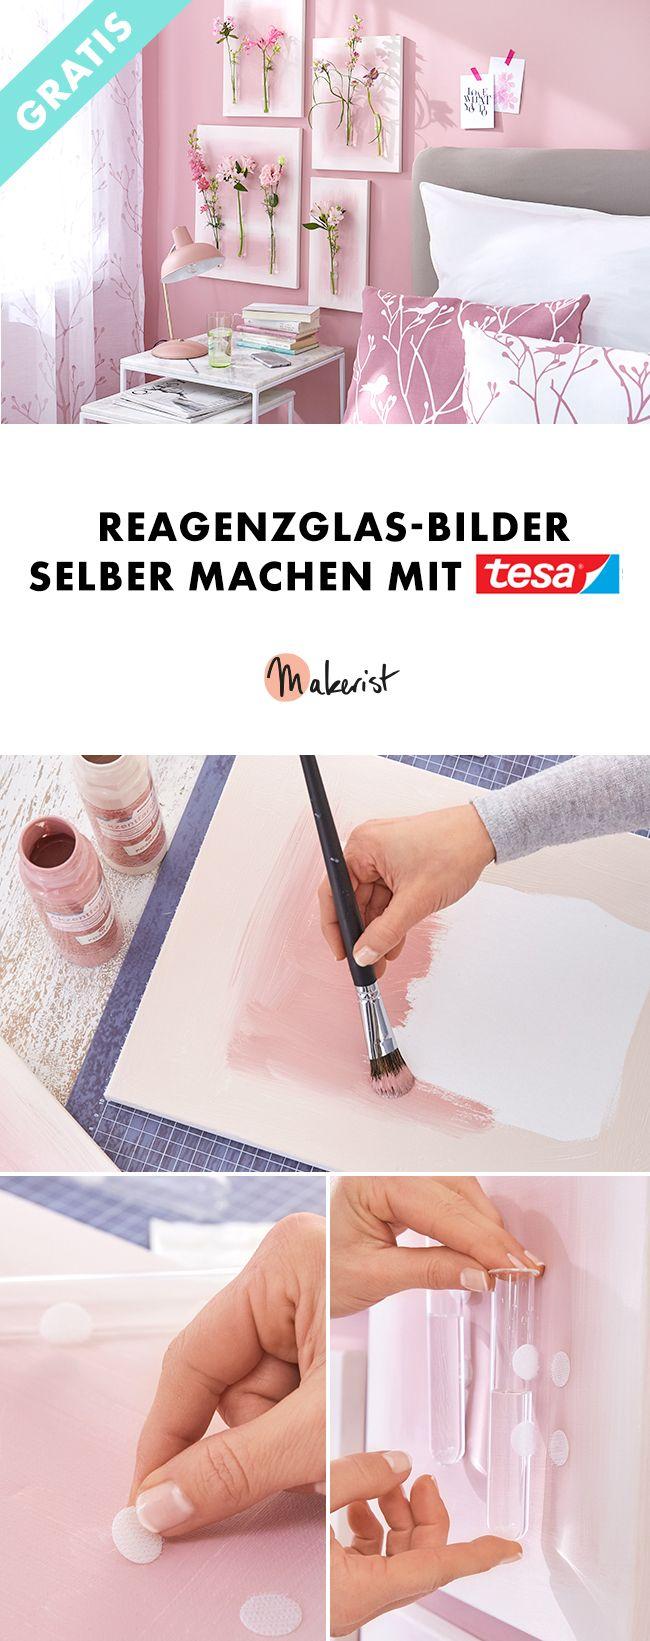 Kreativ mit tesa®: Reagenzglas-Bilder selber machen! – Makerist Magazin